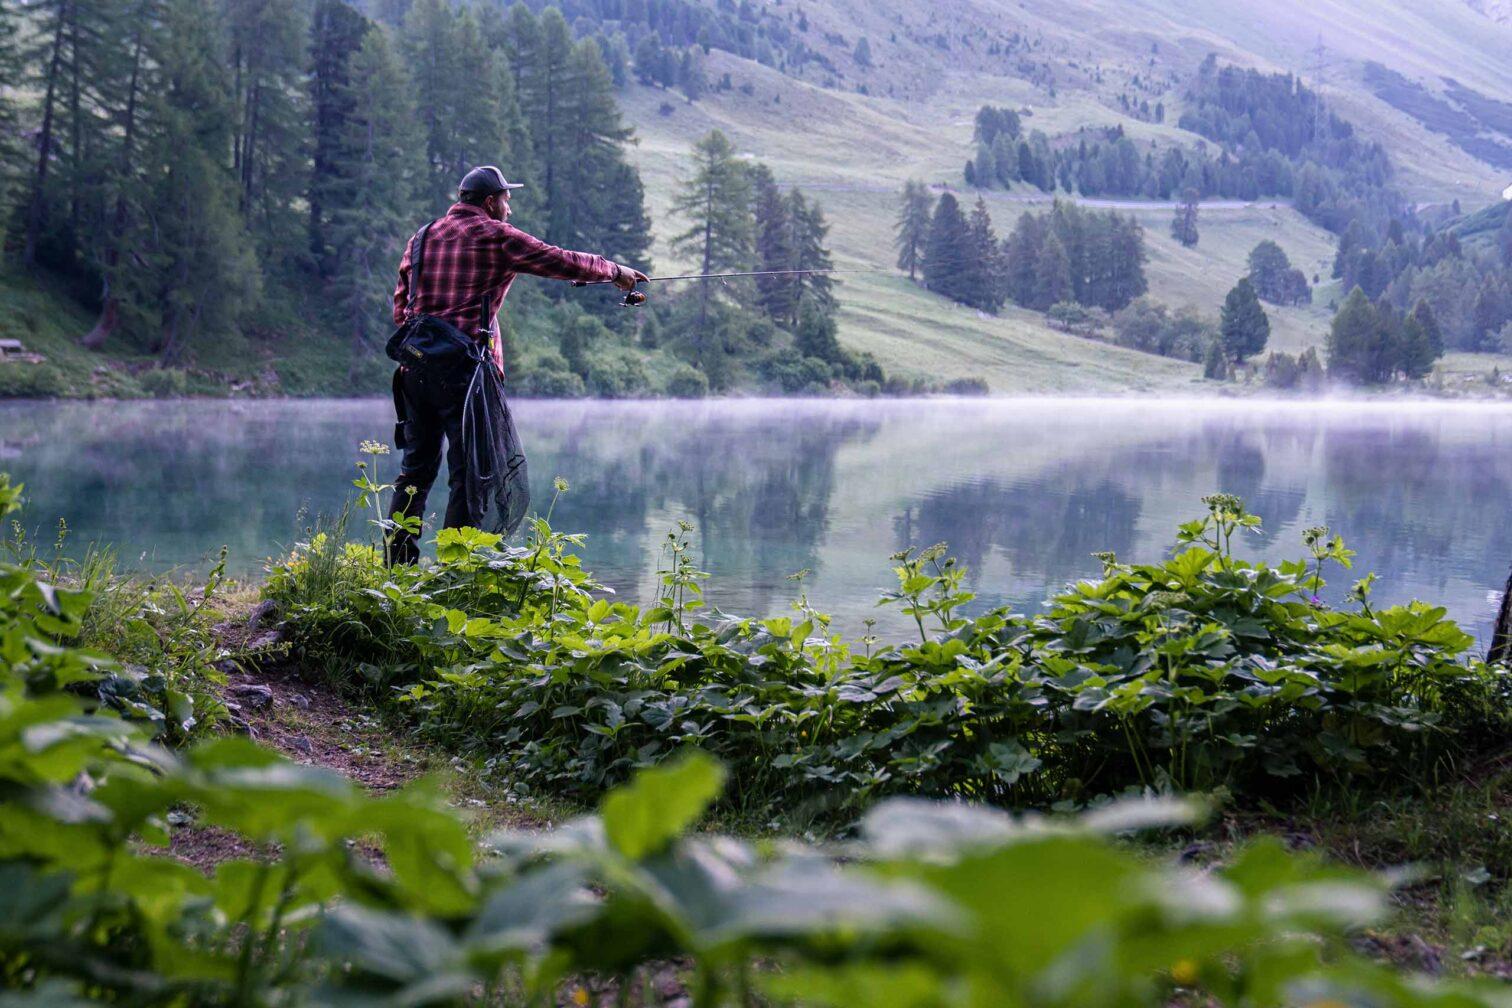 Graubünden Leben & Arbeiten - Der Angler